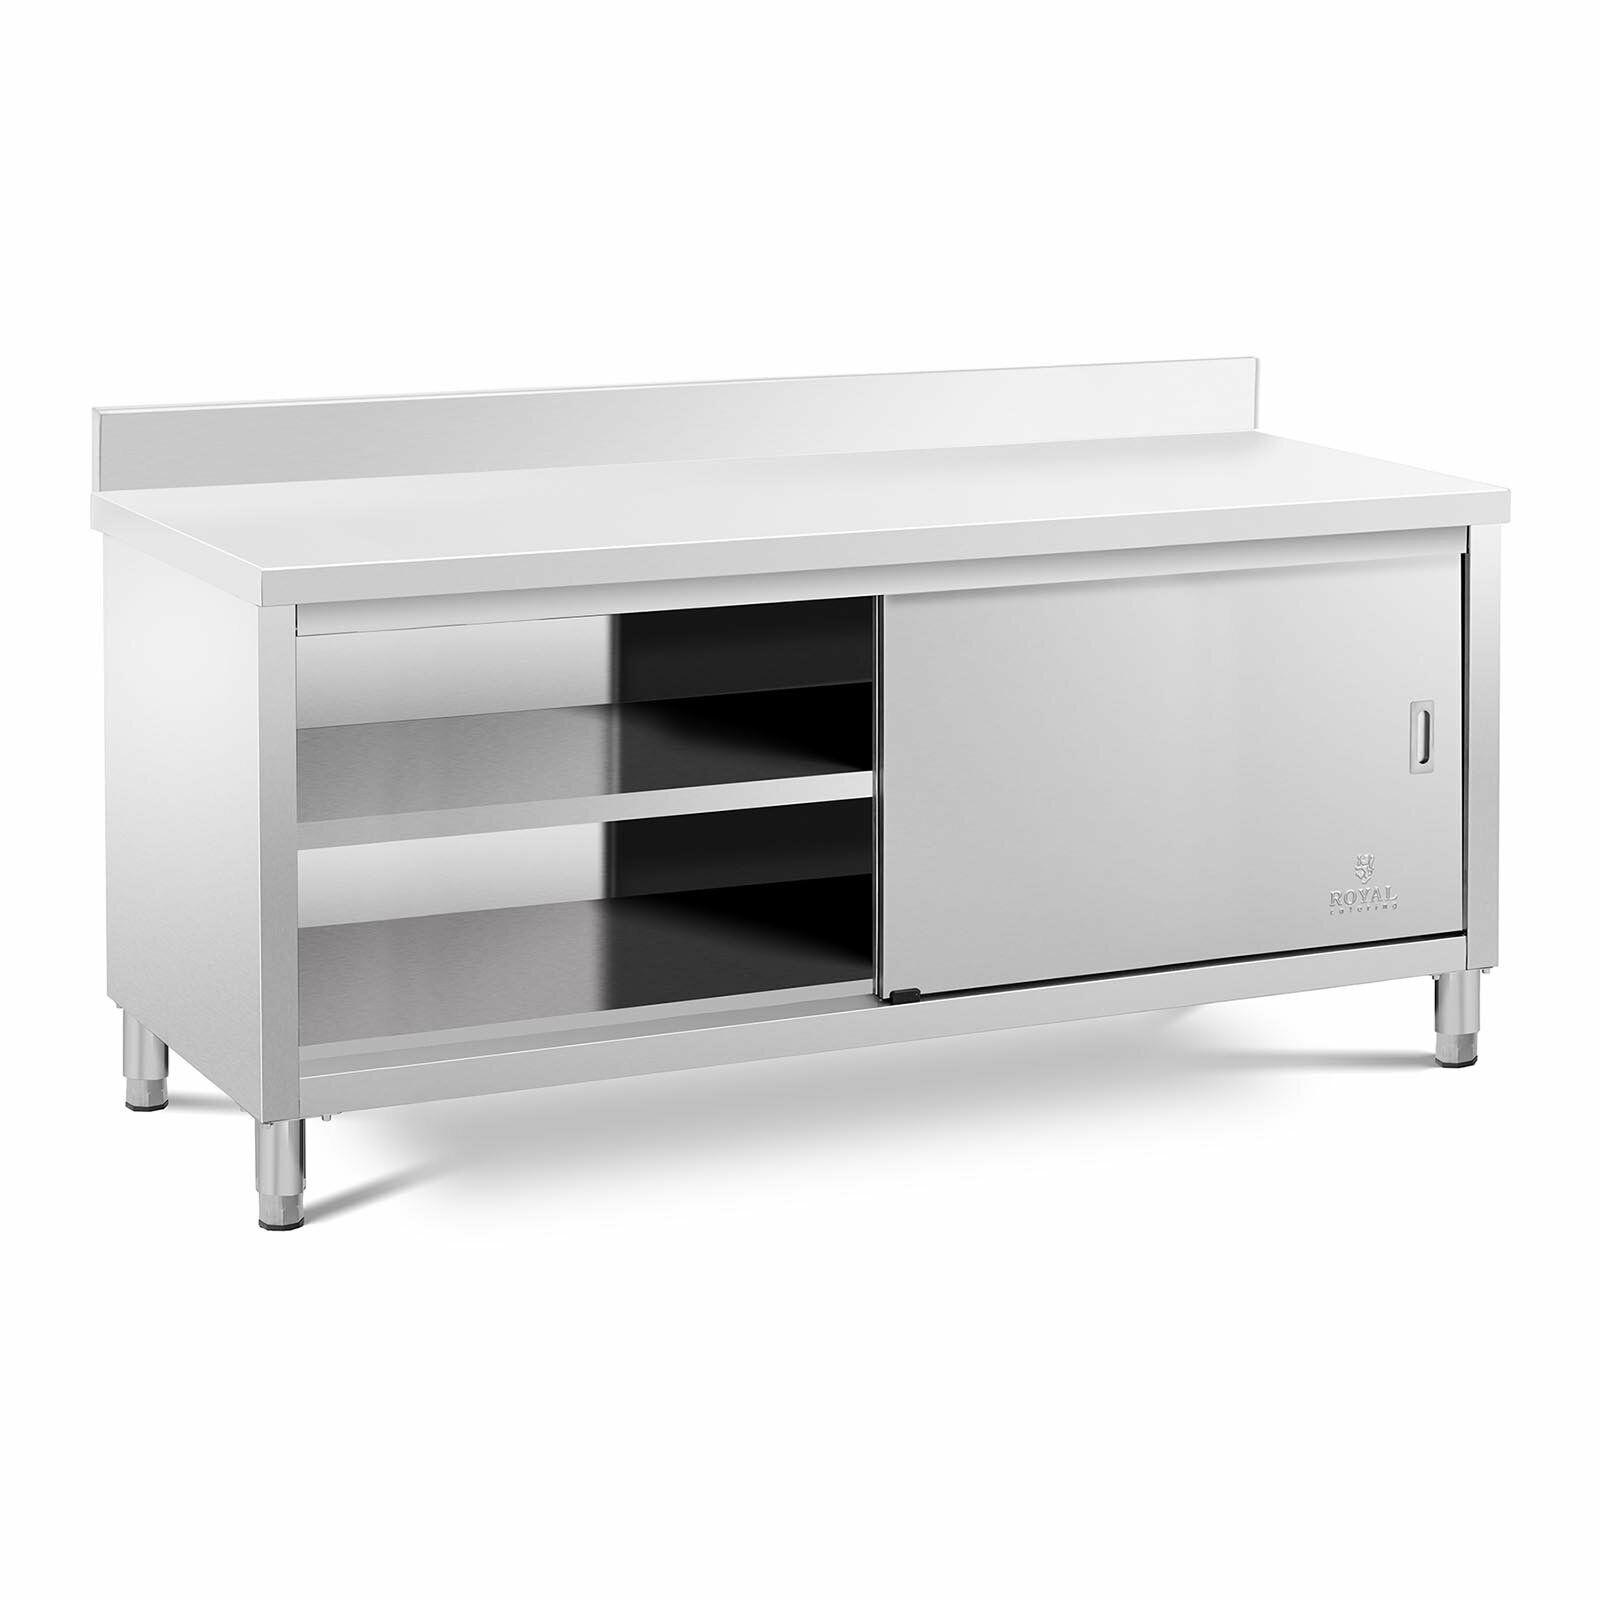 Mueble Neutro de Cocina en Acero Inoxidable 200 x 70 cm Mesa Acero Inoxidable